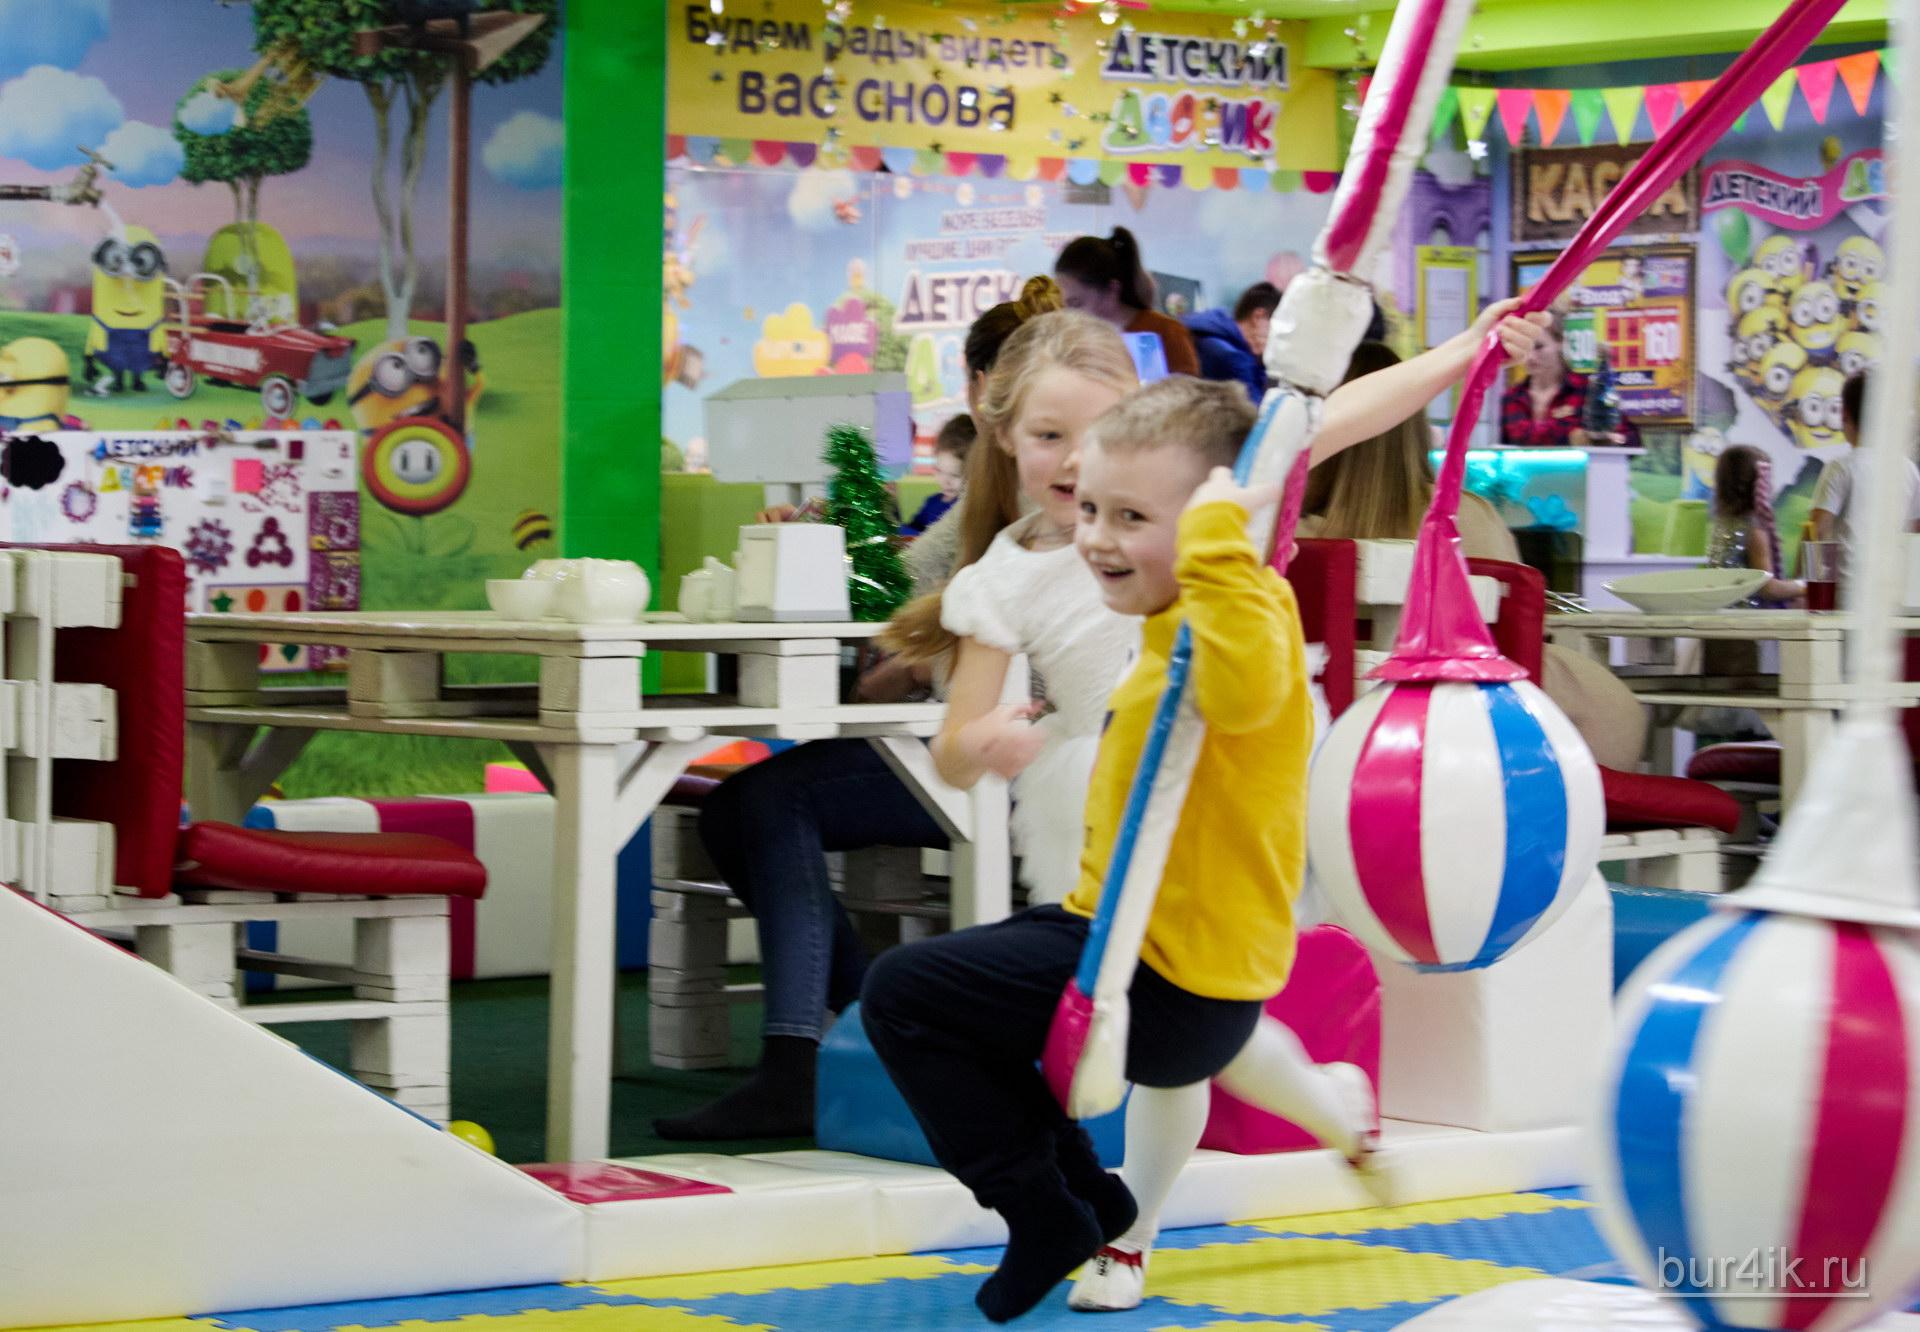 Фото Детское День Рождения в Детский Дворик 15.01.2020 №258 -photo- bur4ik.ru